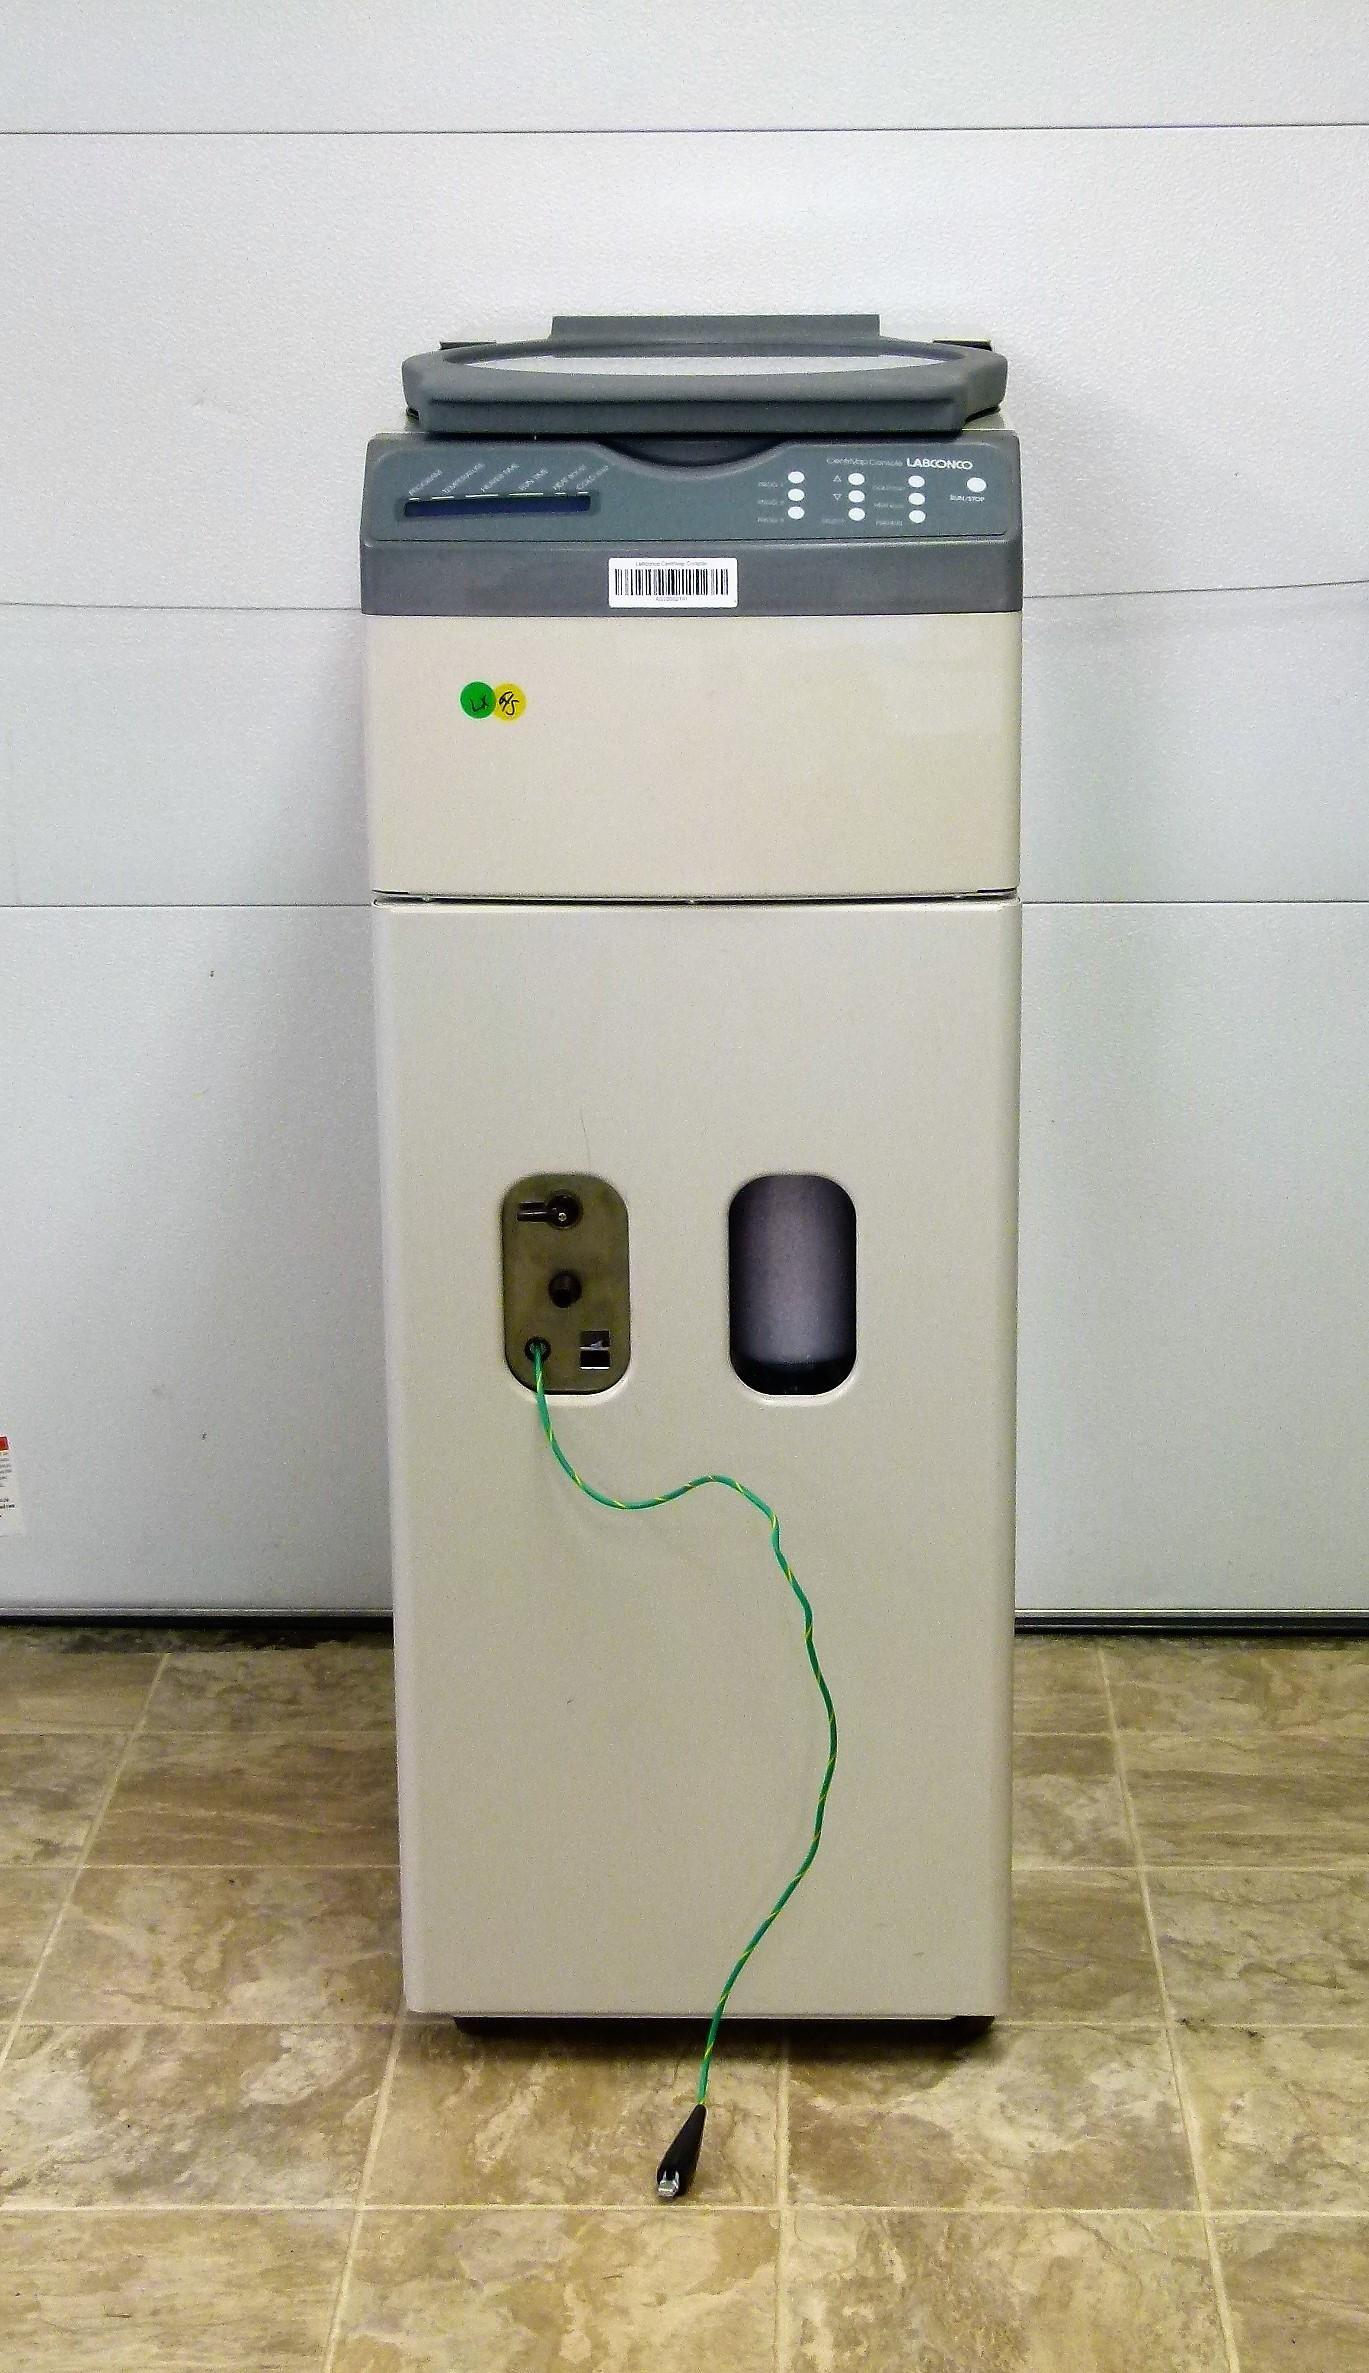 ~ Labconco CentriVap Mobile System Vacuum Concentration with Vacuum Pump